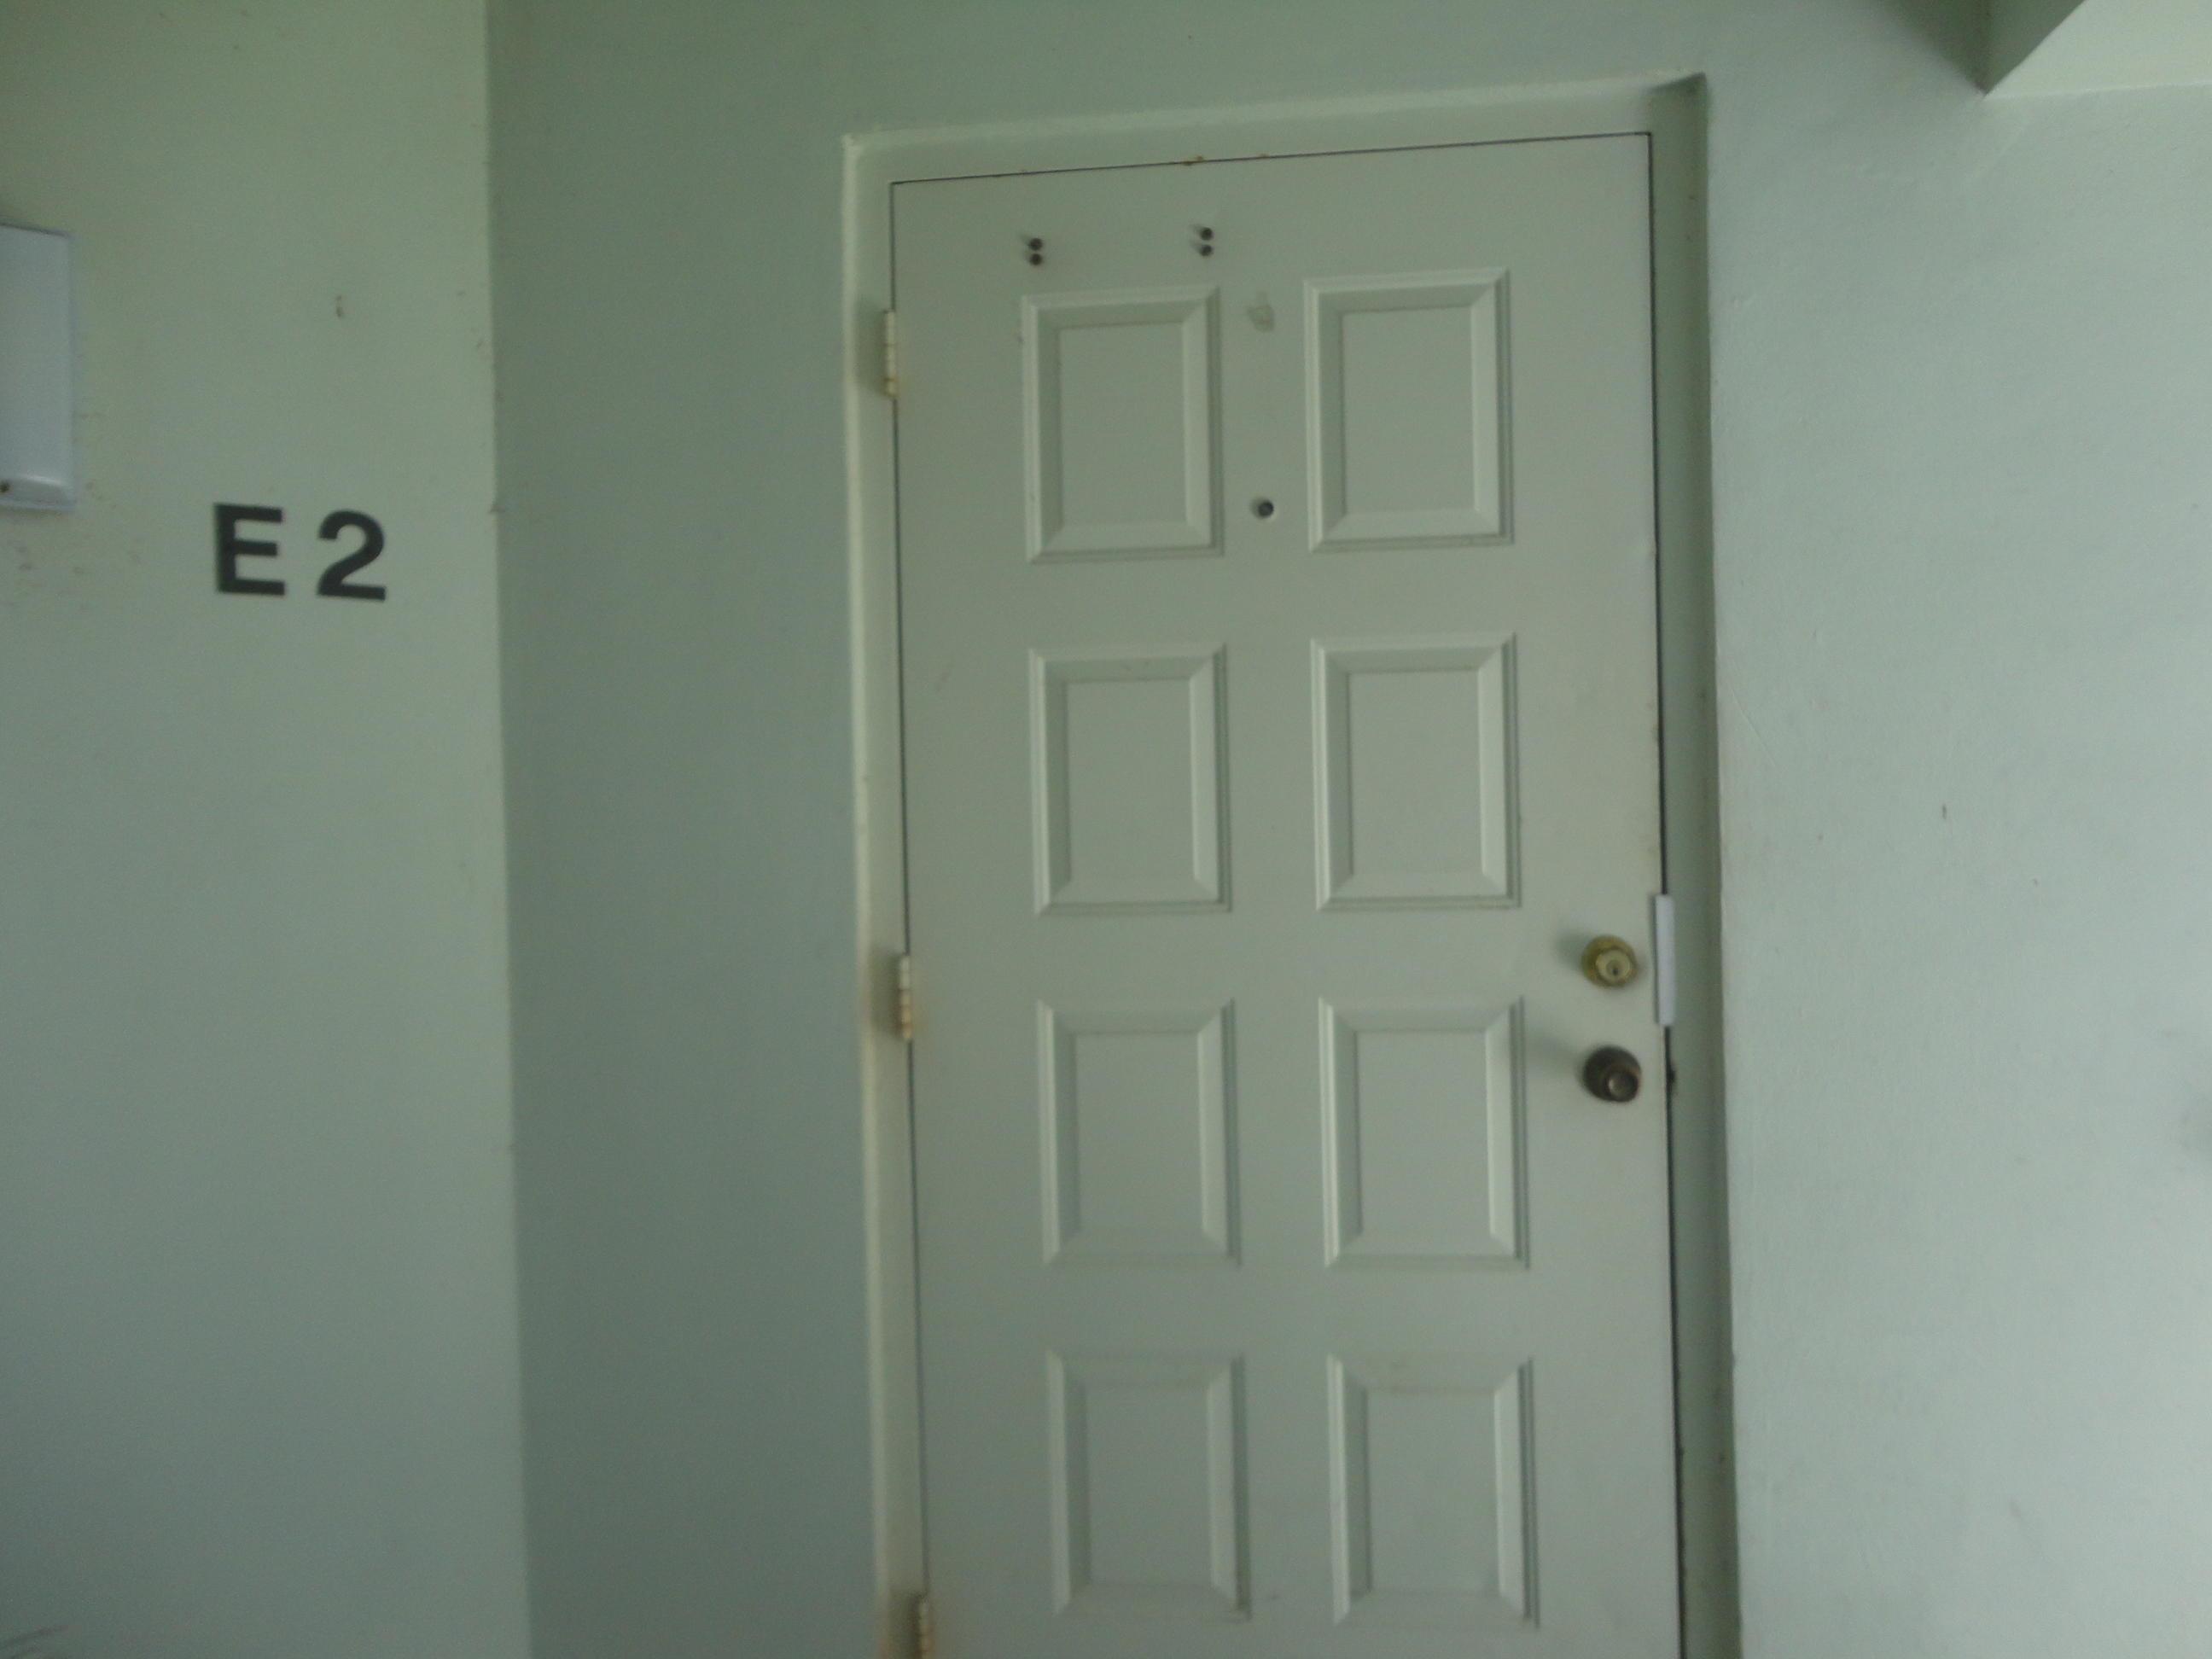 3606 Alder Drive, West Palm Beach, Florida 33417, 2 Bedrooms Bedrooms, ,2 BathroomsBathrooms,Condo/Coop,For Sale,Alder,2,RX-10463924